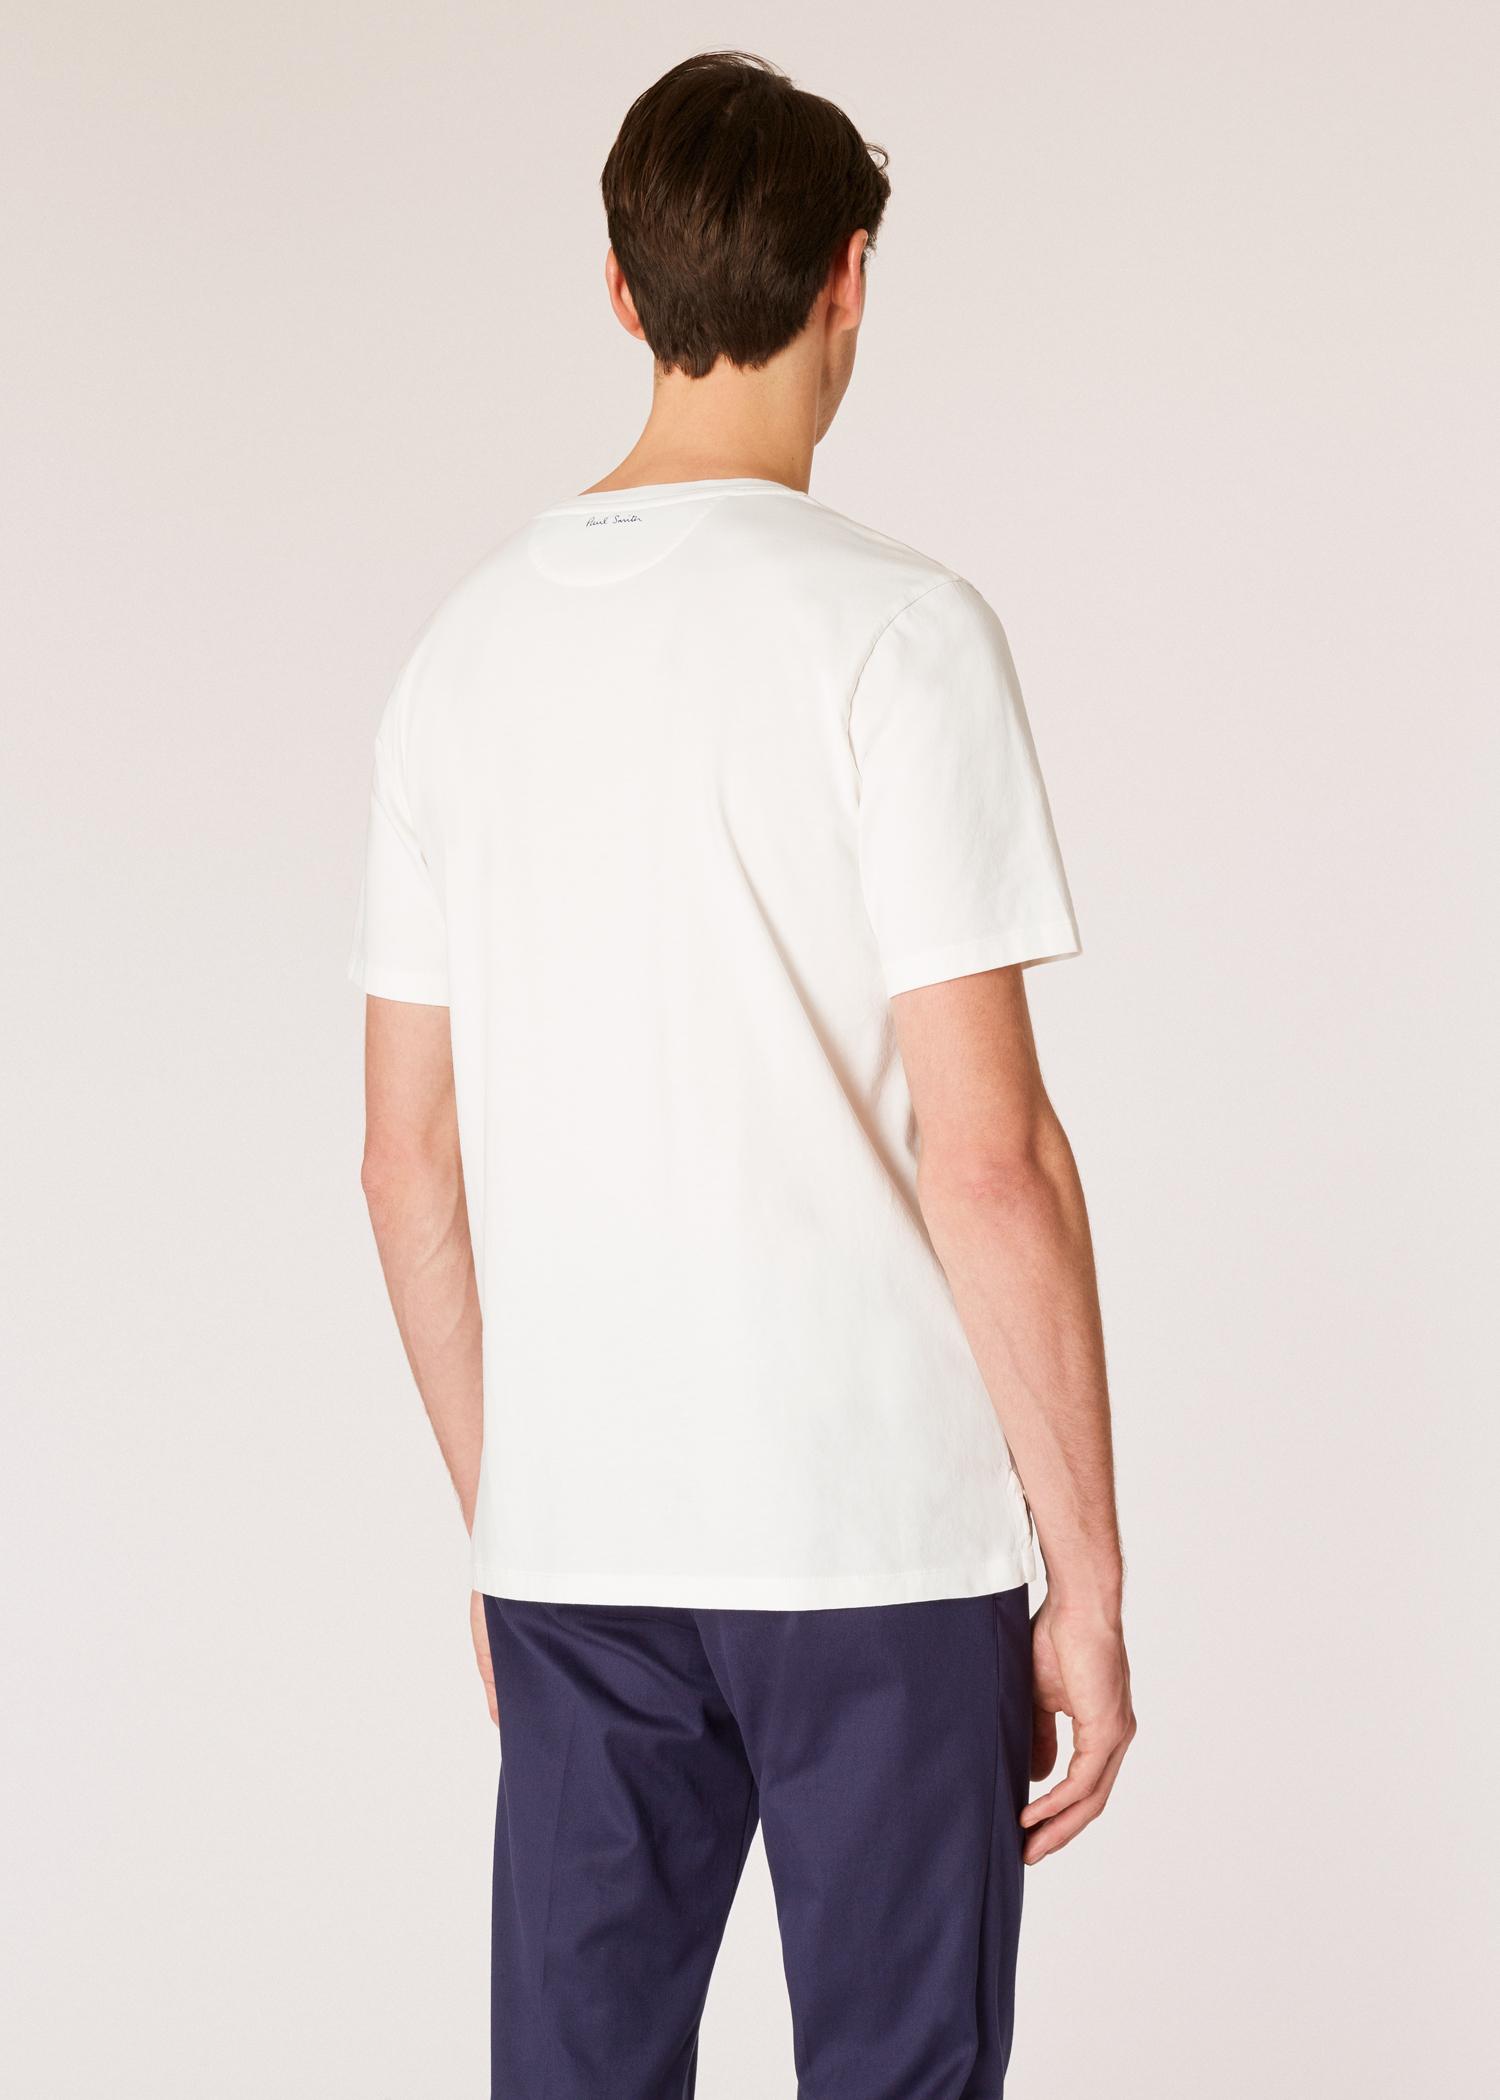 9215e901e Model back close up - Men's White Large 'Precious Stones' Print T-Shirt